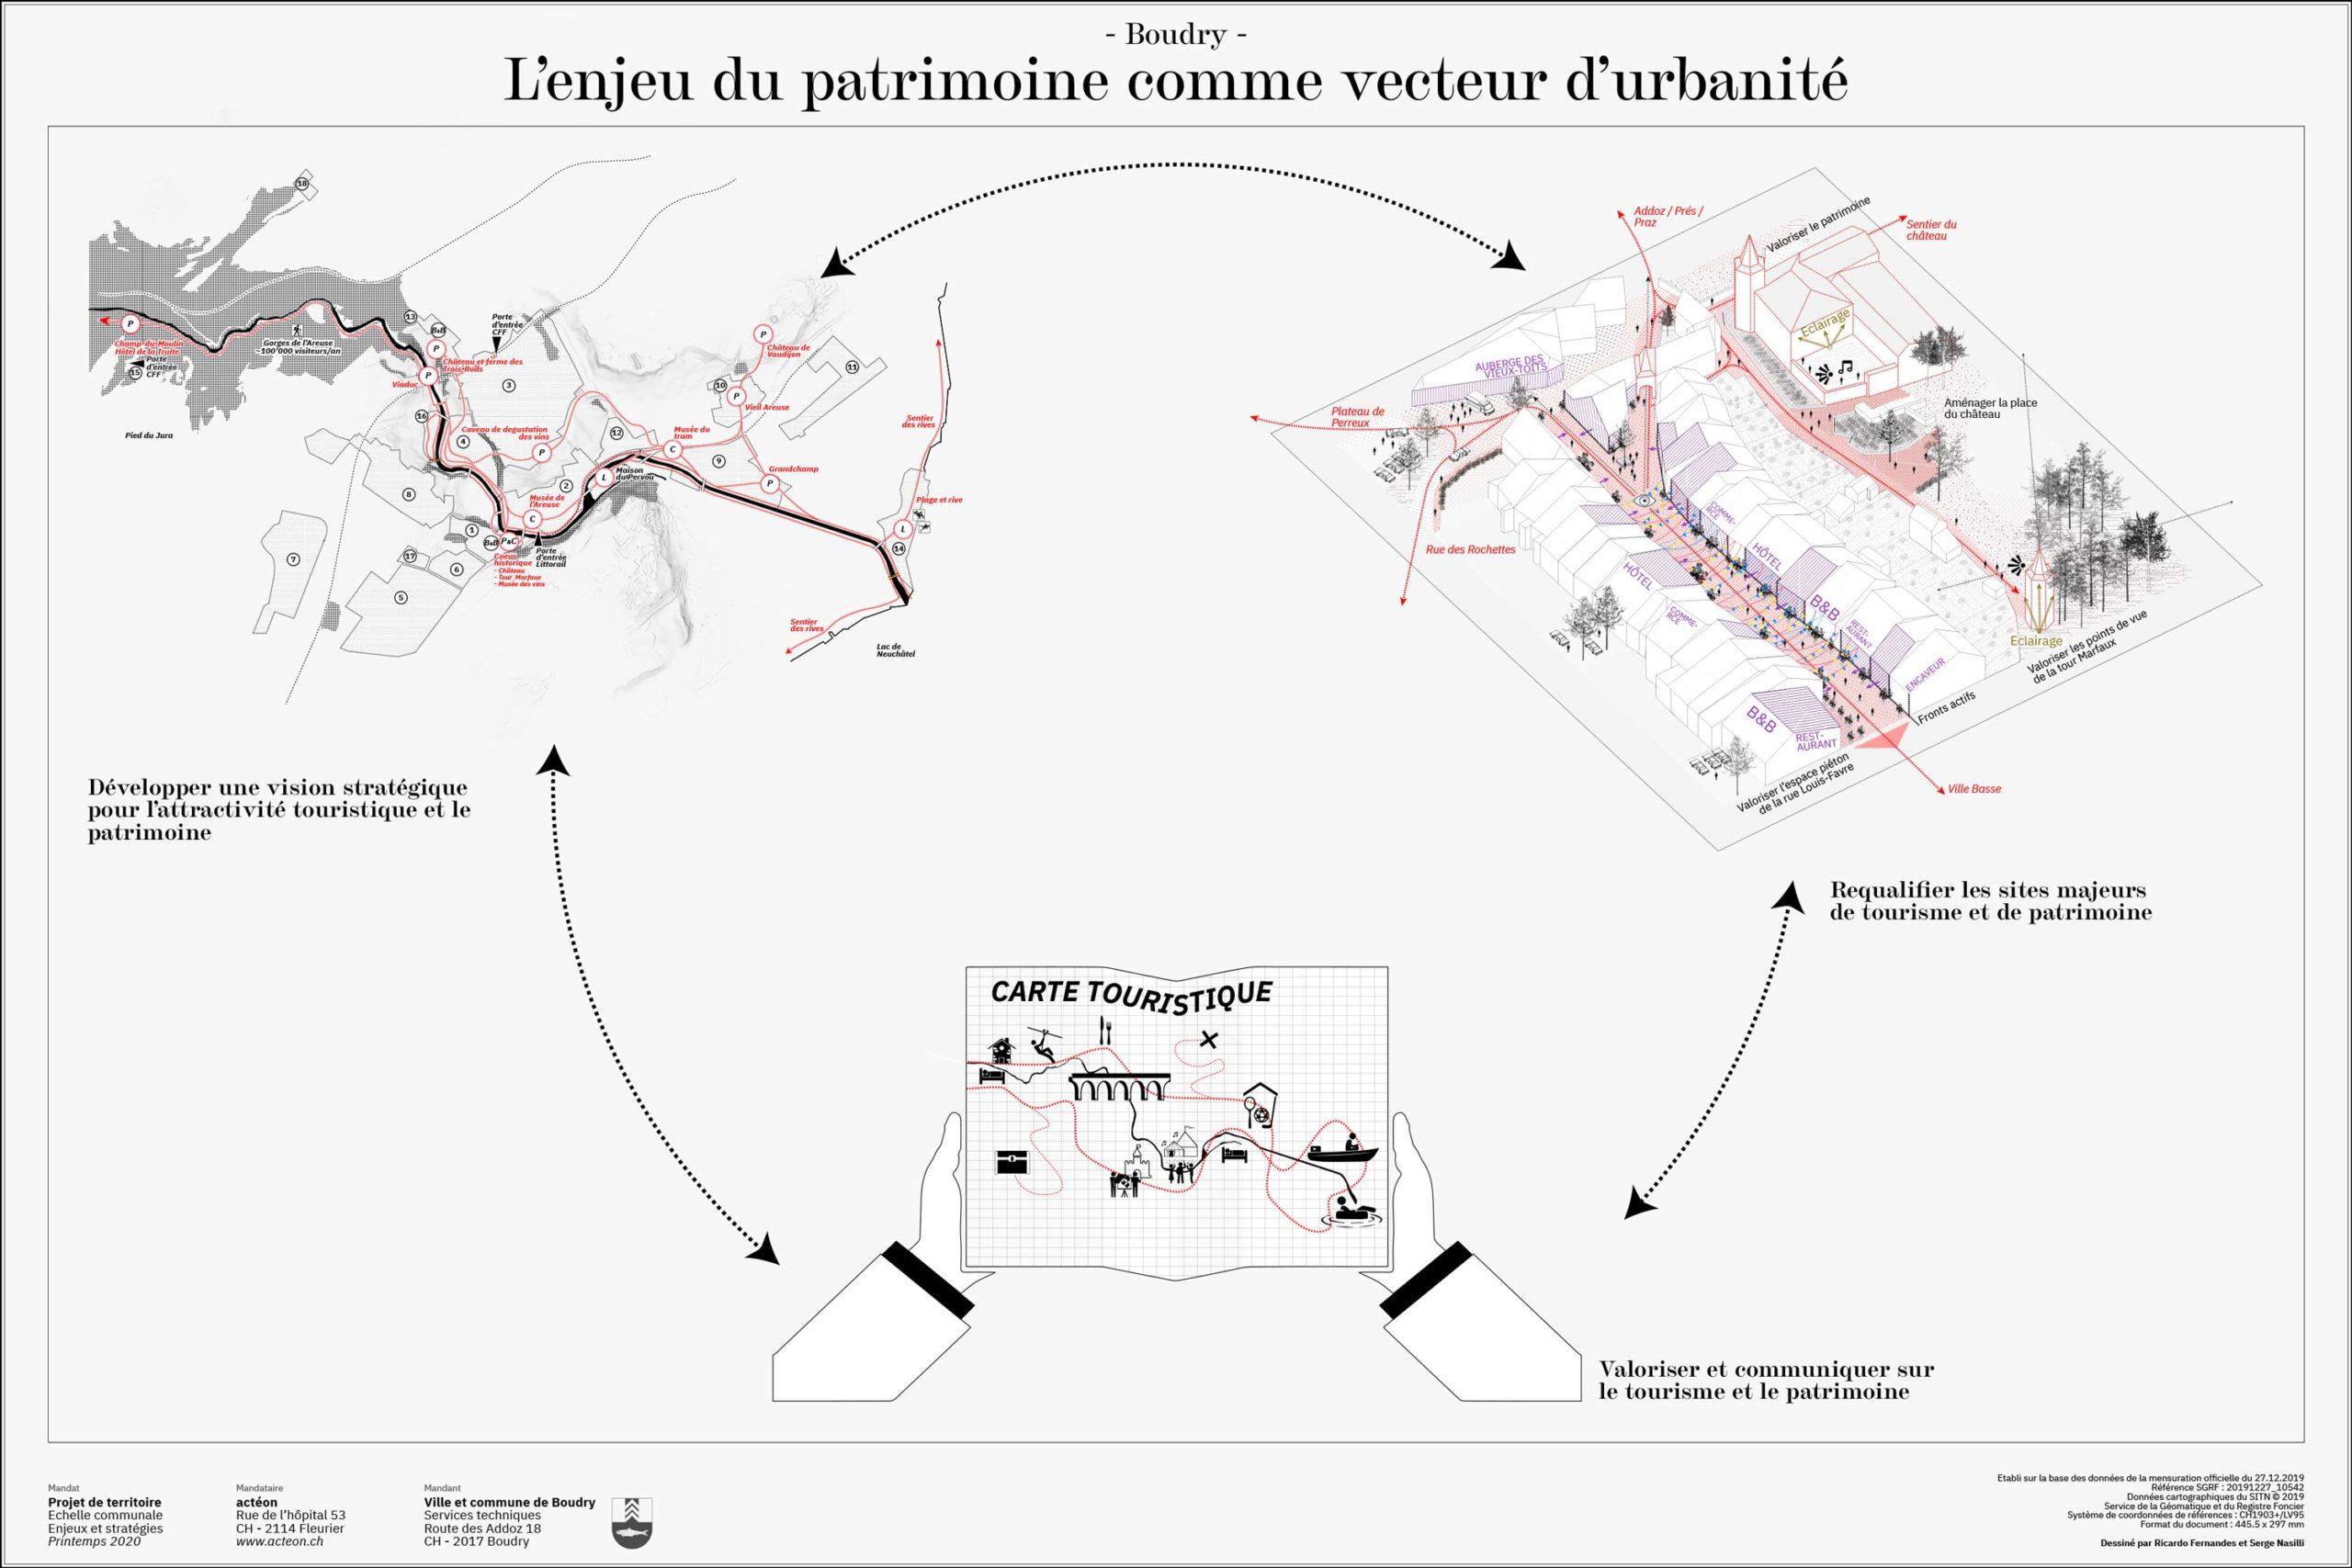 Patrimoine architecture et urbanisme Boudry